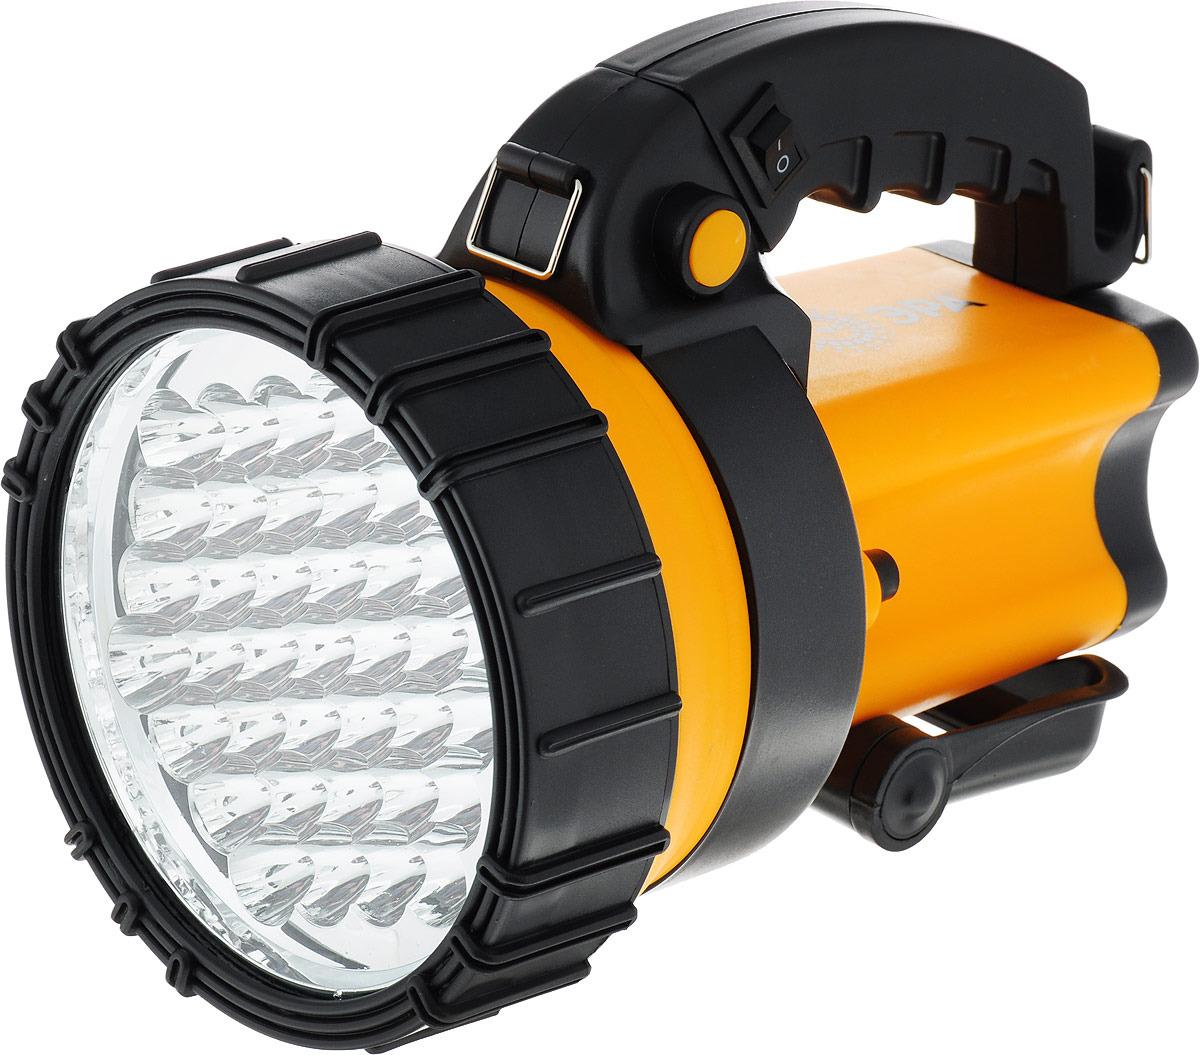 Фара-искатель ЭРА Альфа PA-603, Б0031034, желтый, черный, 36 x LED эра б0031033 фонарь прожектор pa 602 альфа 19 светодиодов аккумулятор литий 3ач зу 220v 12v